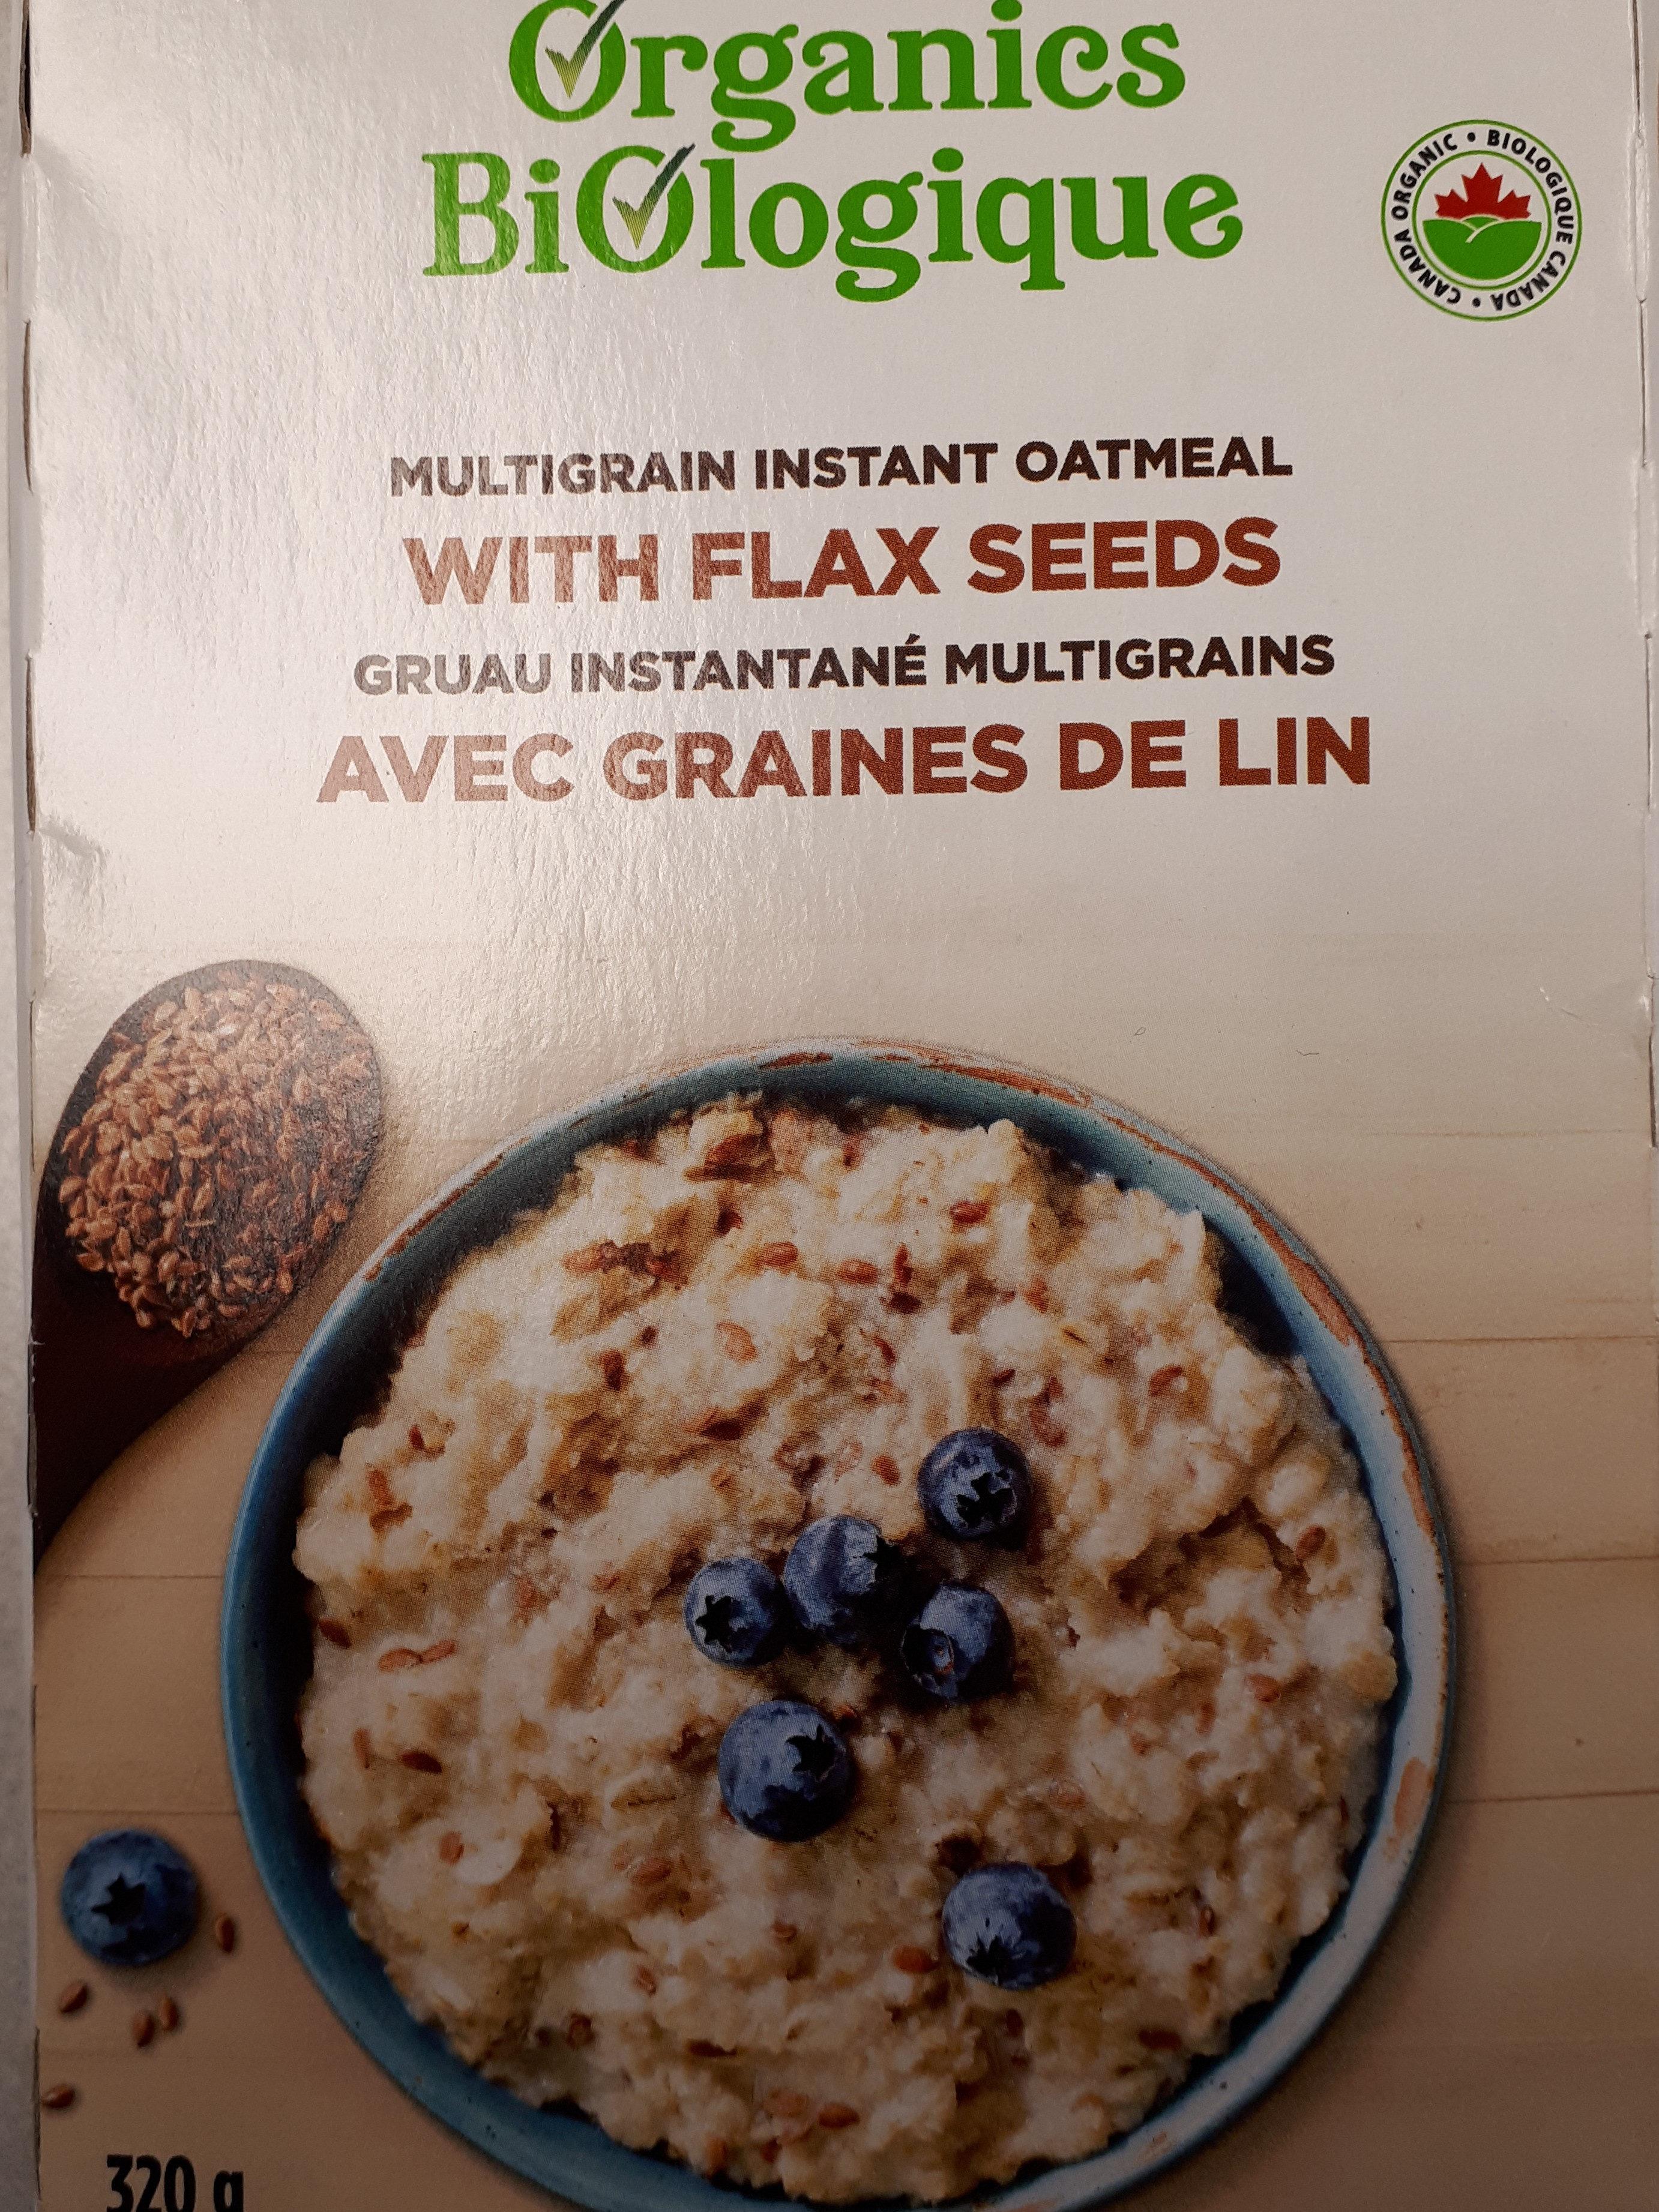 Gruau instantané multigrains avec graine de lin - Product - fr